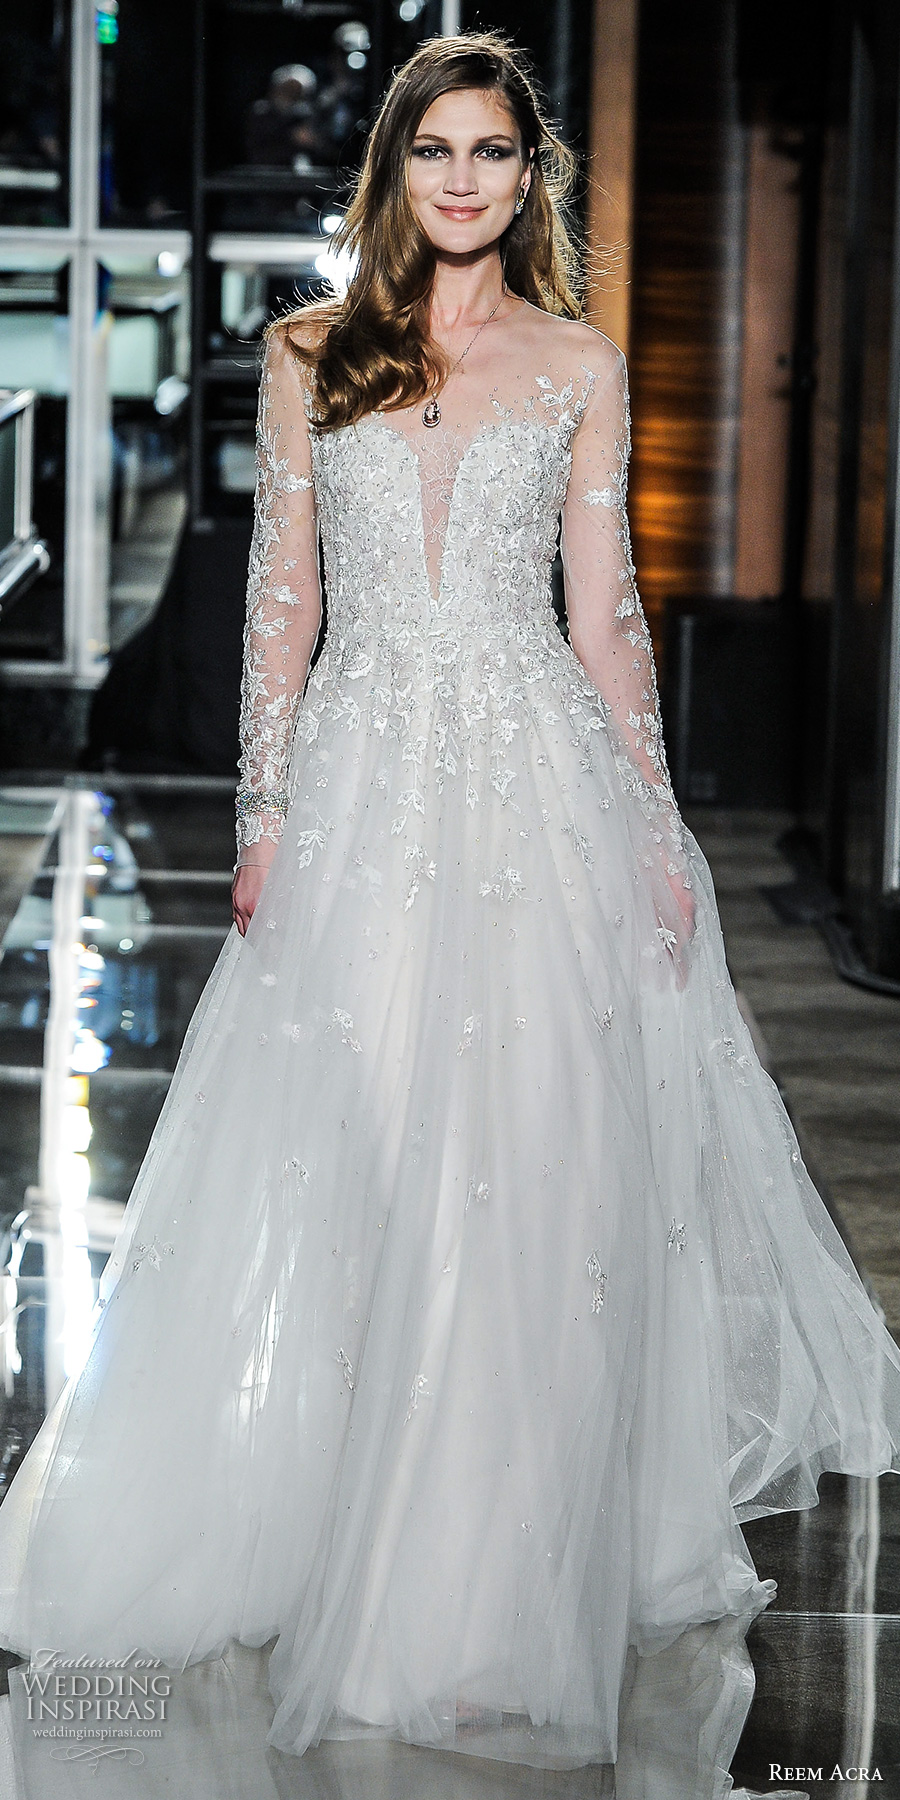 Reem Acra Spring 2018 Wedding Dresses - crazyforus